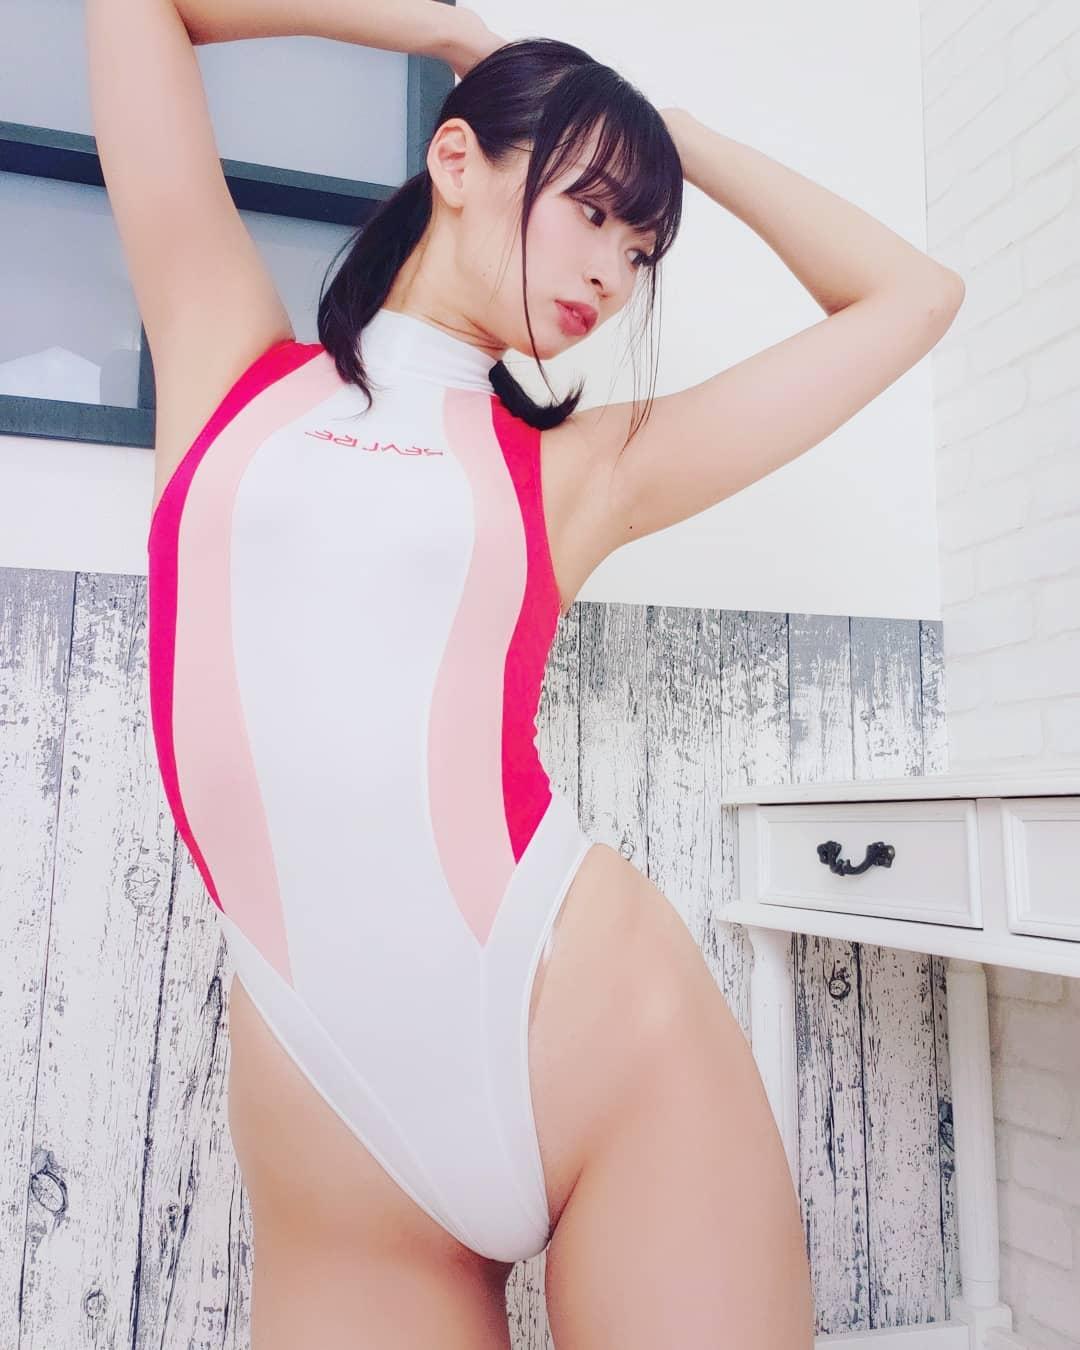 「暑いと泳ぎたくなる~」競泳水着ショットでファンを魅了【日野アリスさん/2021年5月25日】